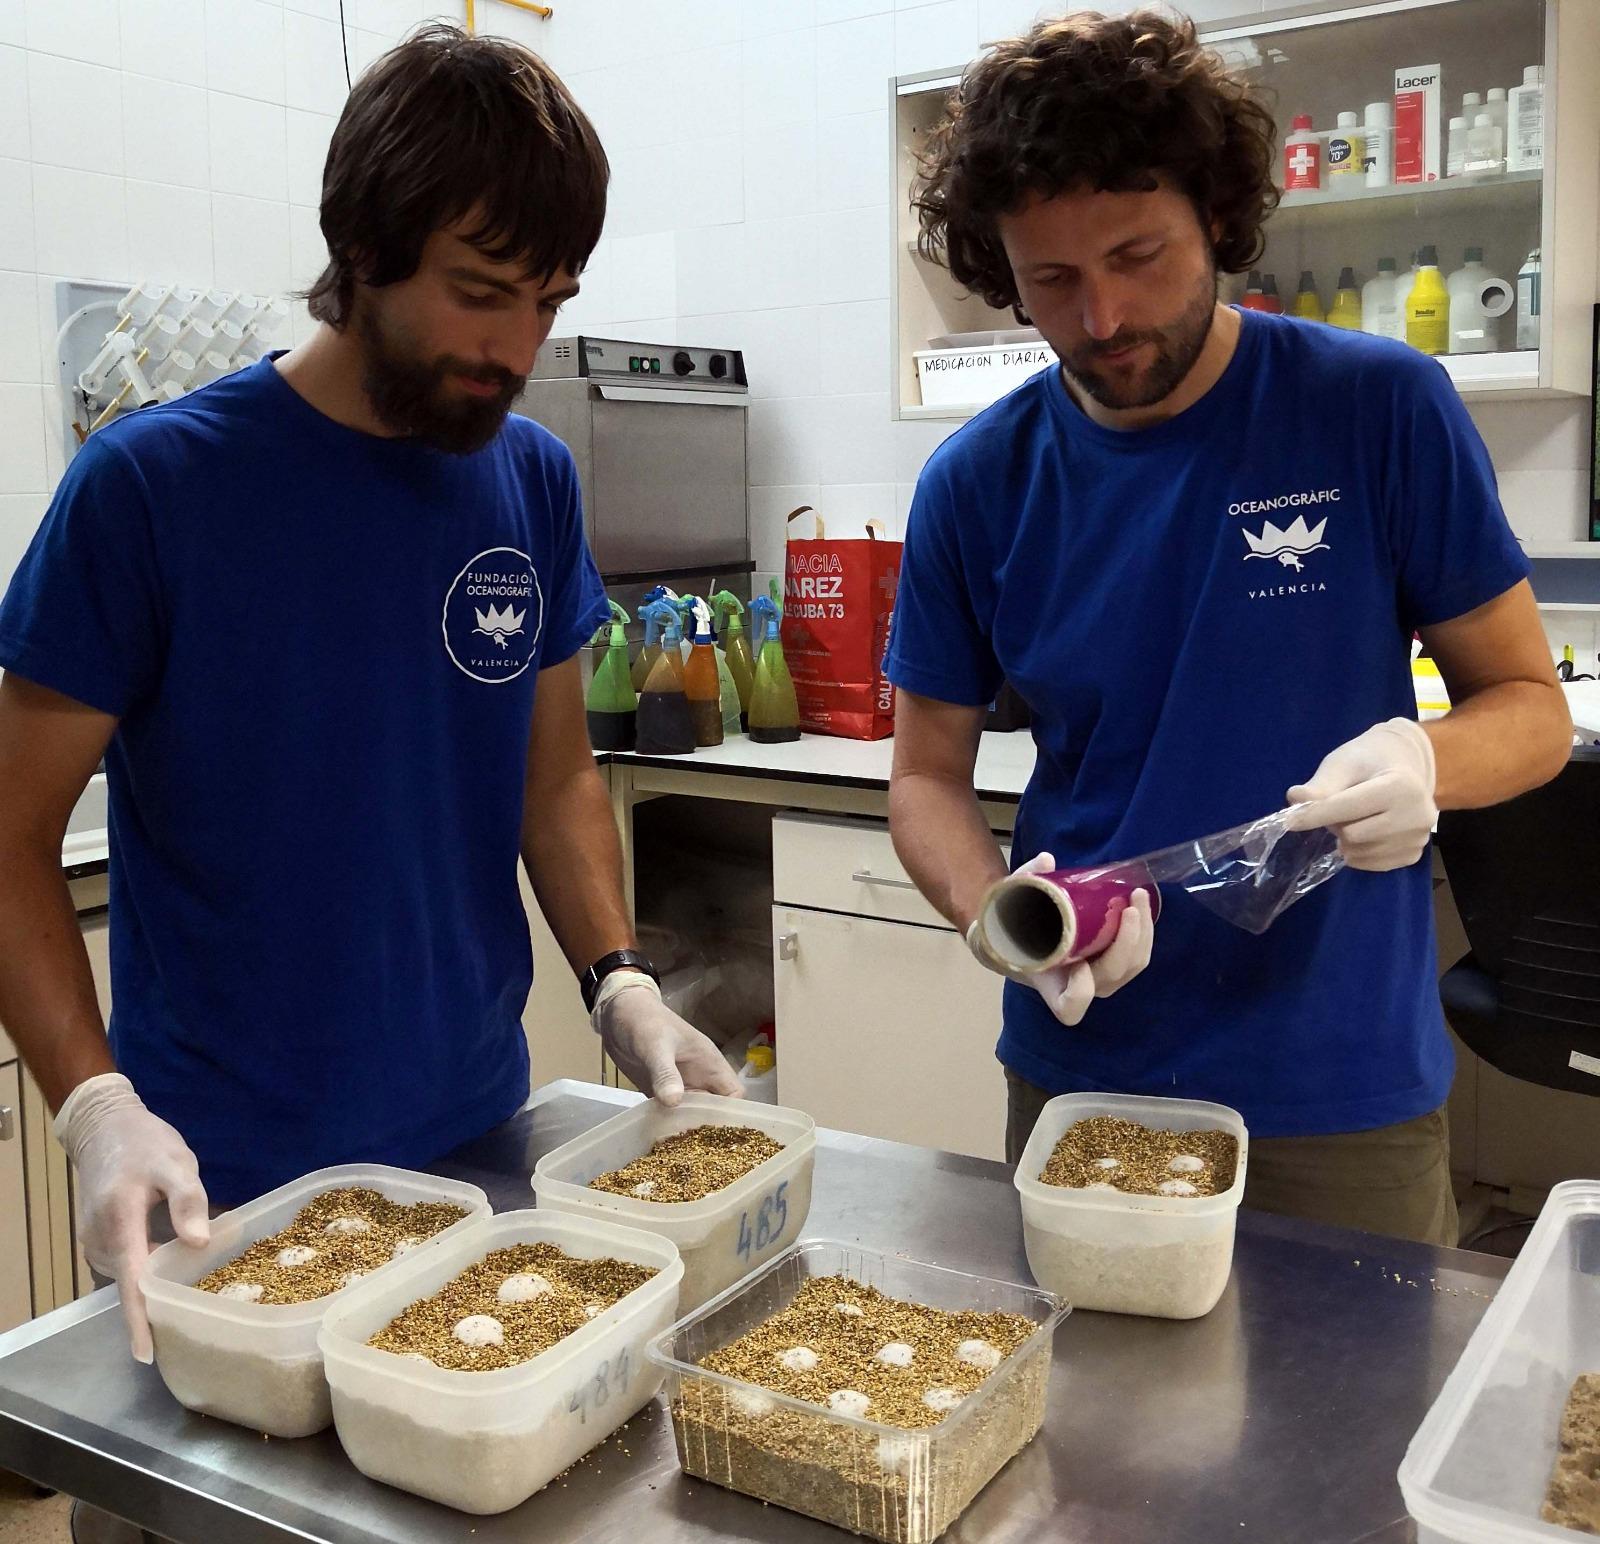 Los huevos tendrán las condiciones idóneas de temperatura y ambiente. Imagen: Fundación Oceanogràfic